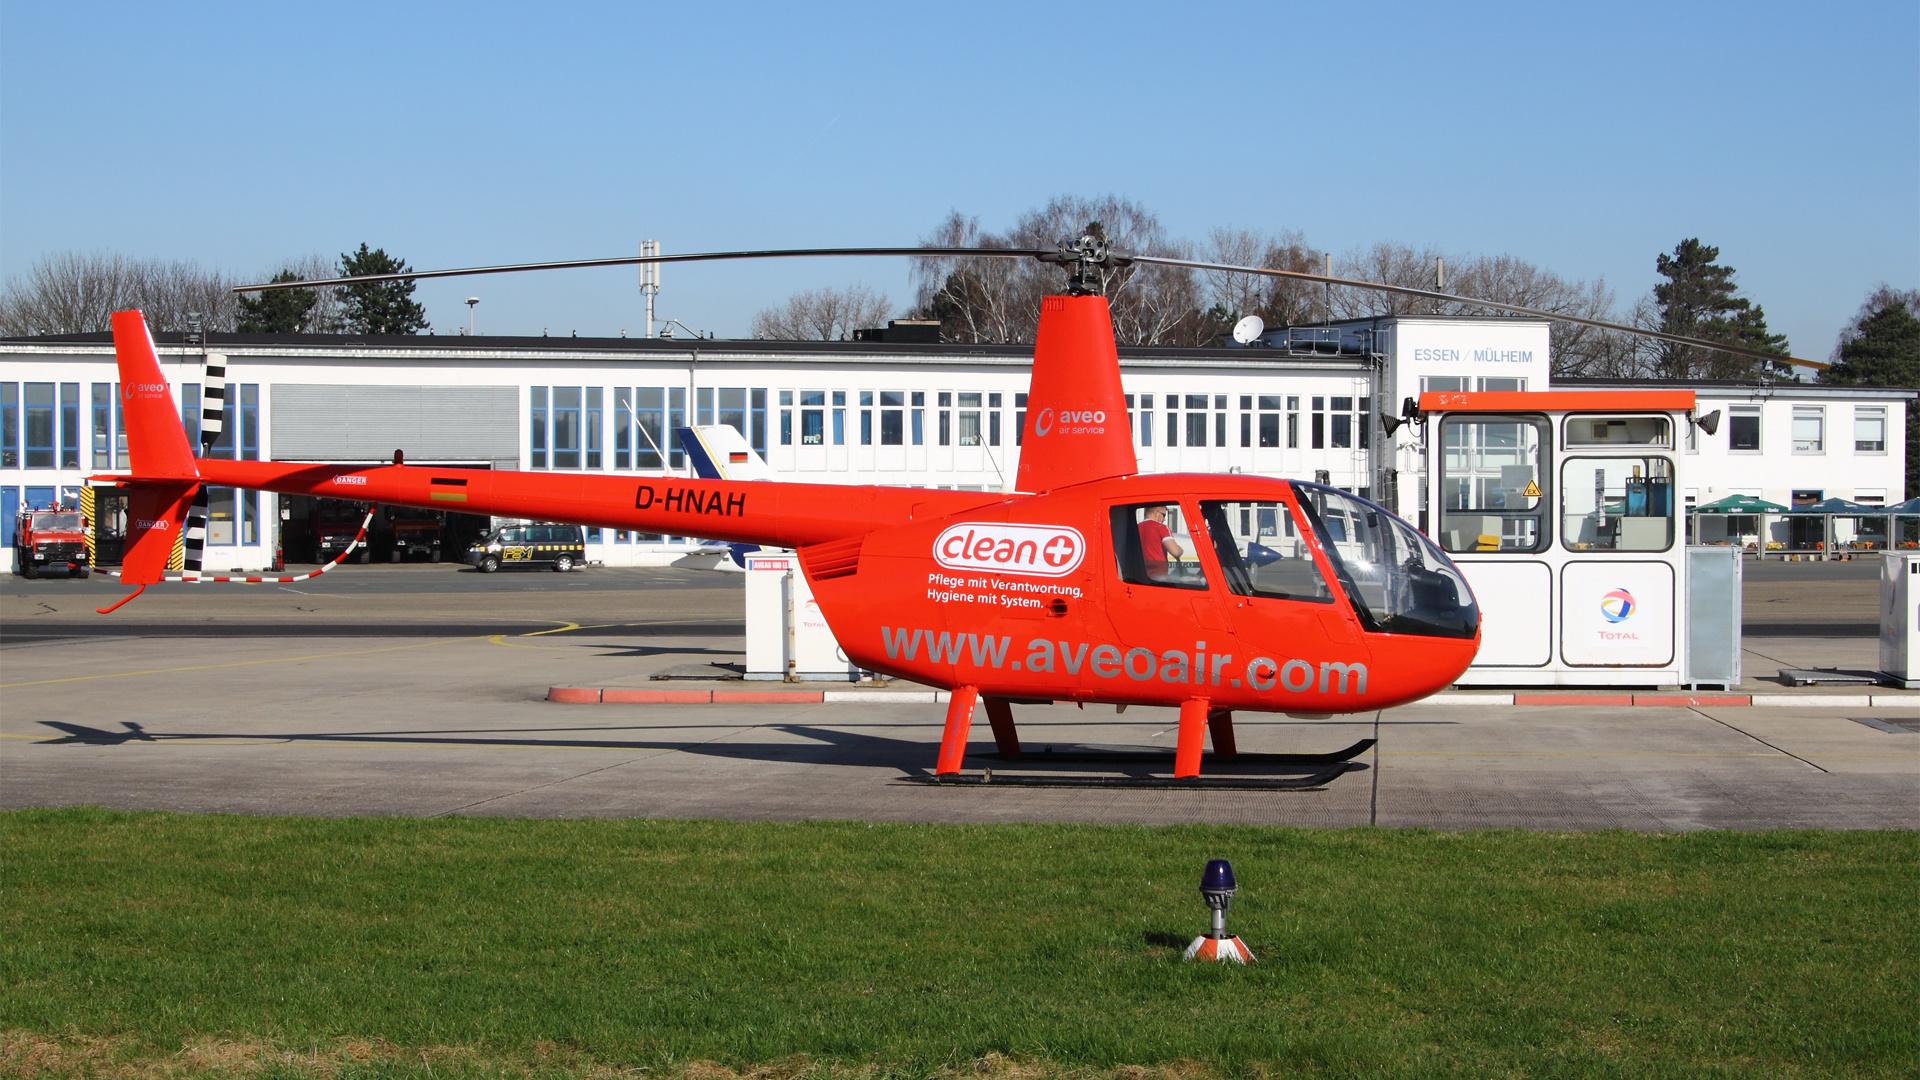 D-HNHA-1 R44 ESS 201203